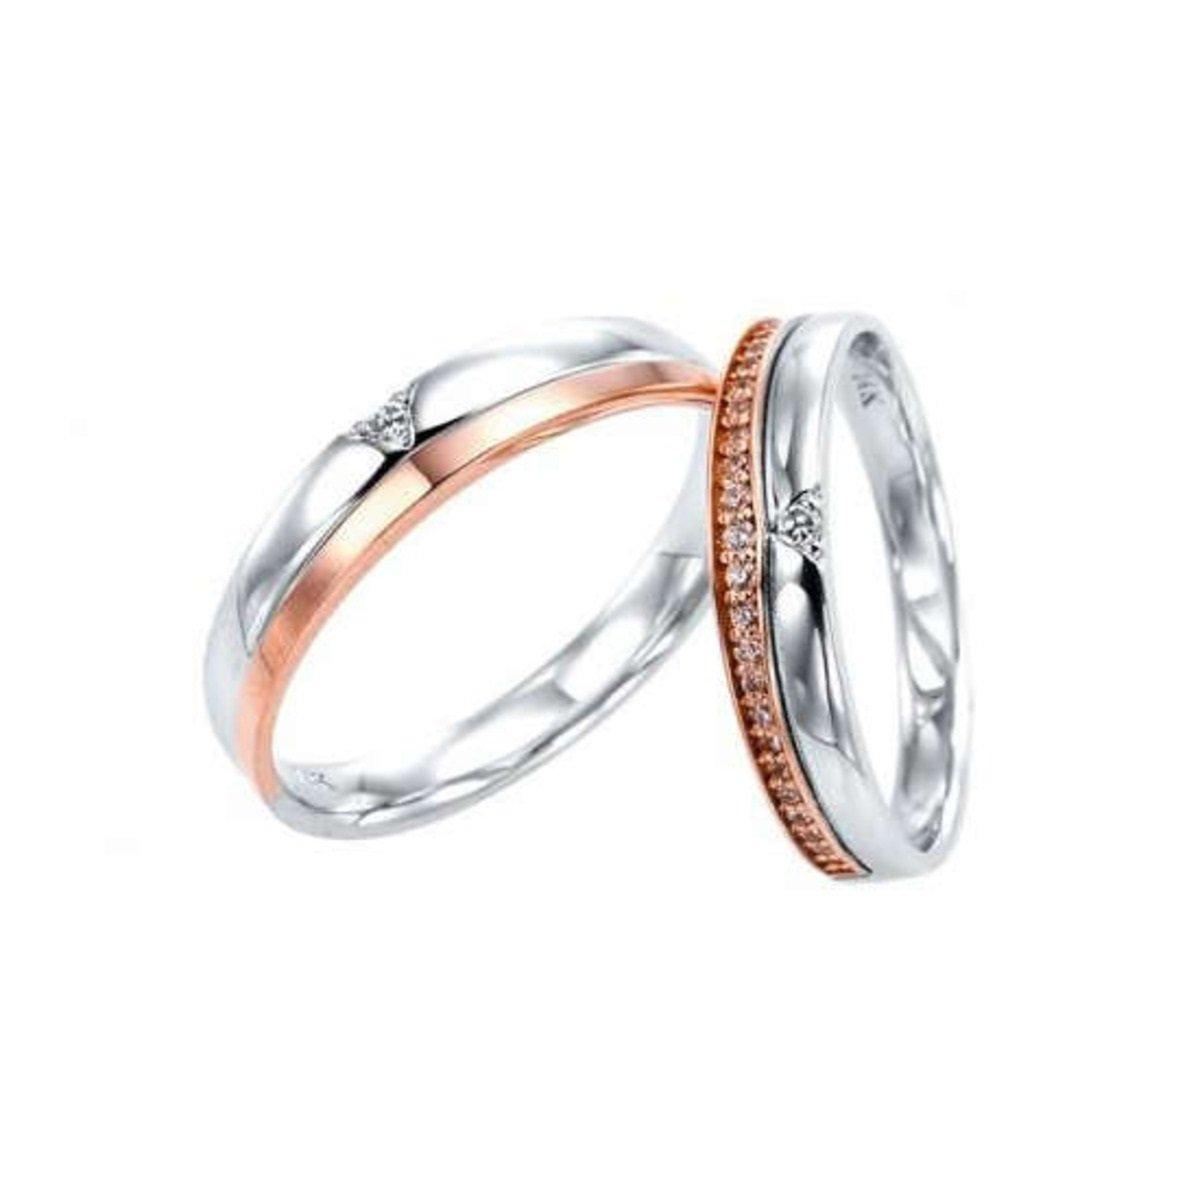 14K 拼色切割鑲石情侶戒指 (男款)